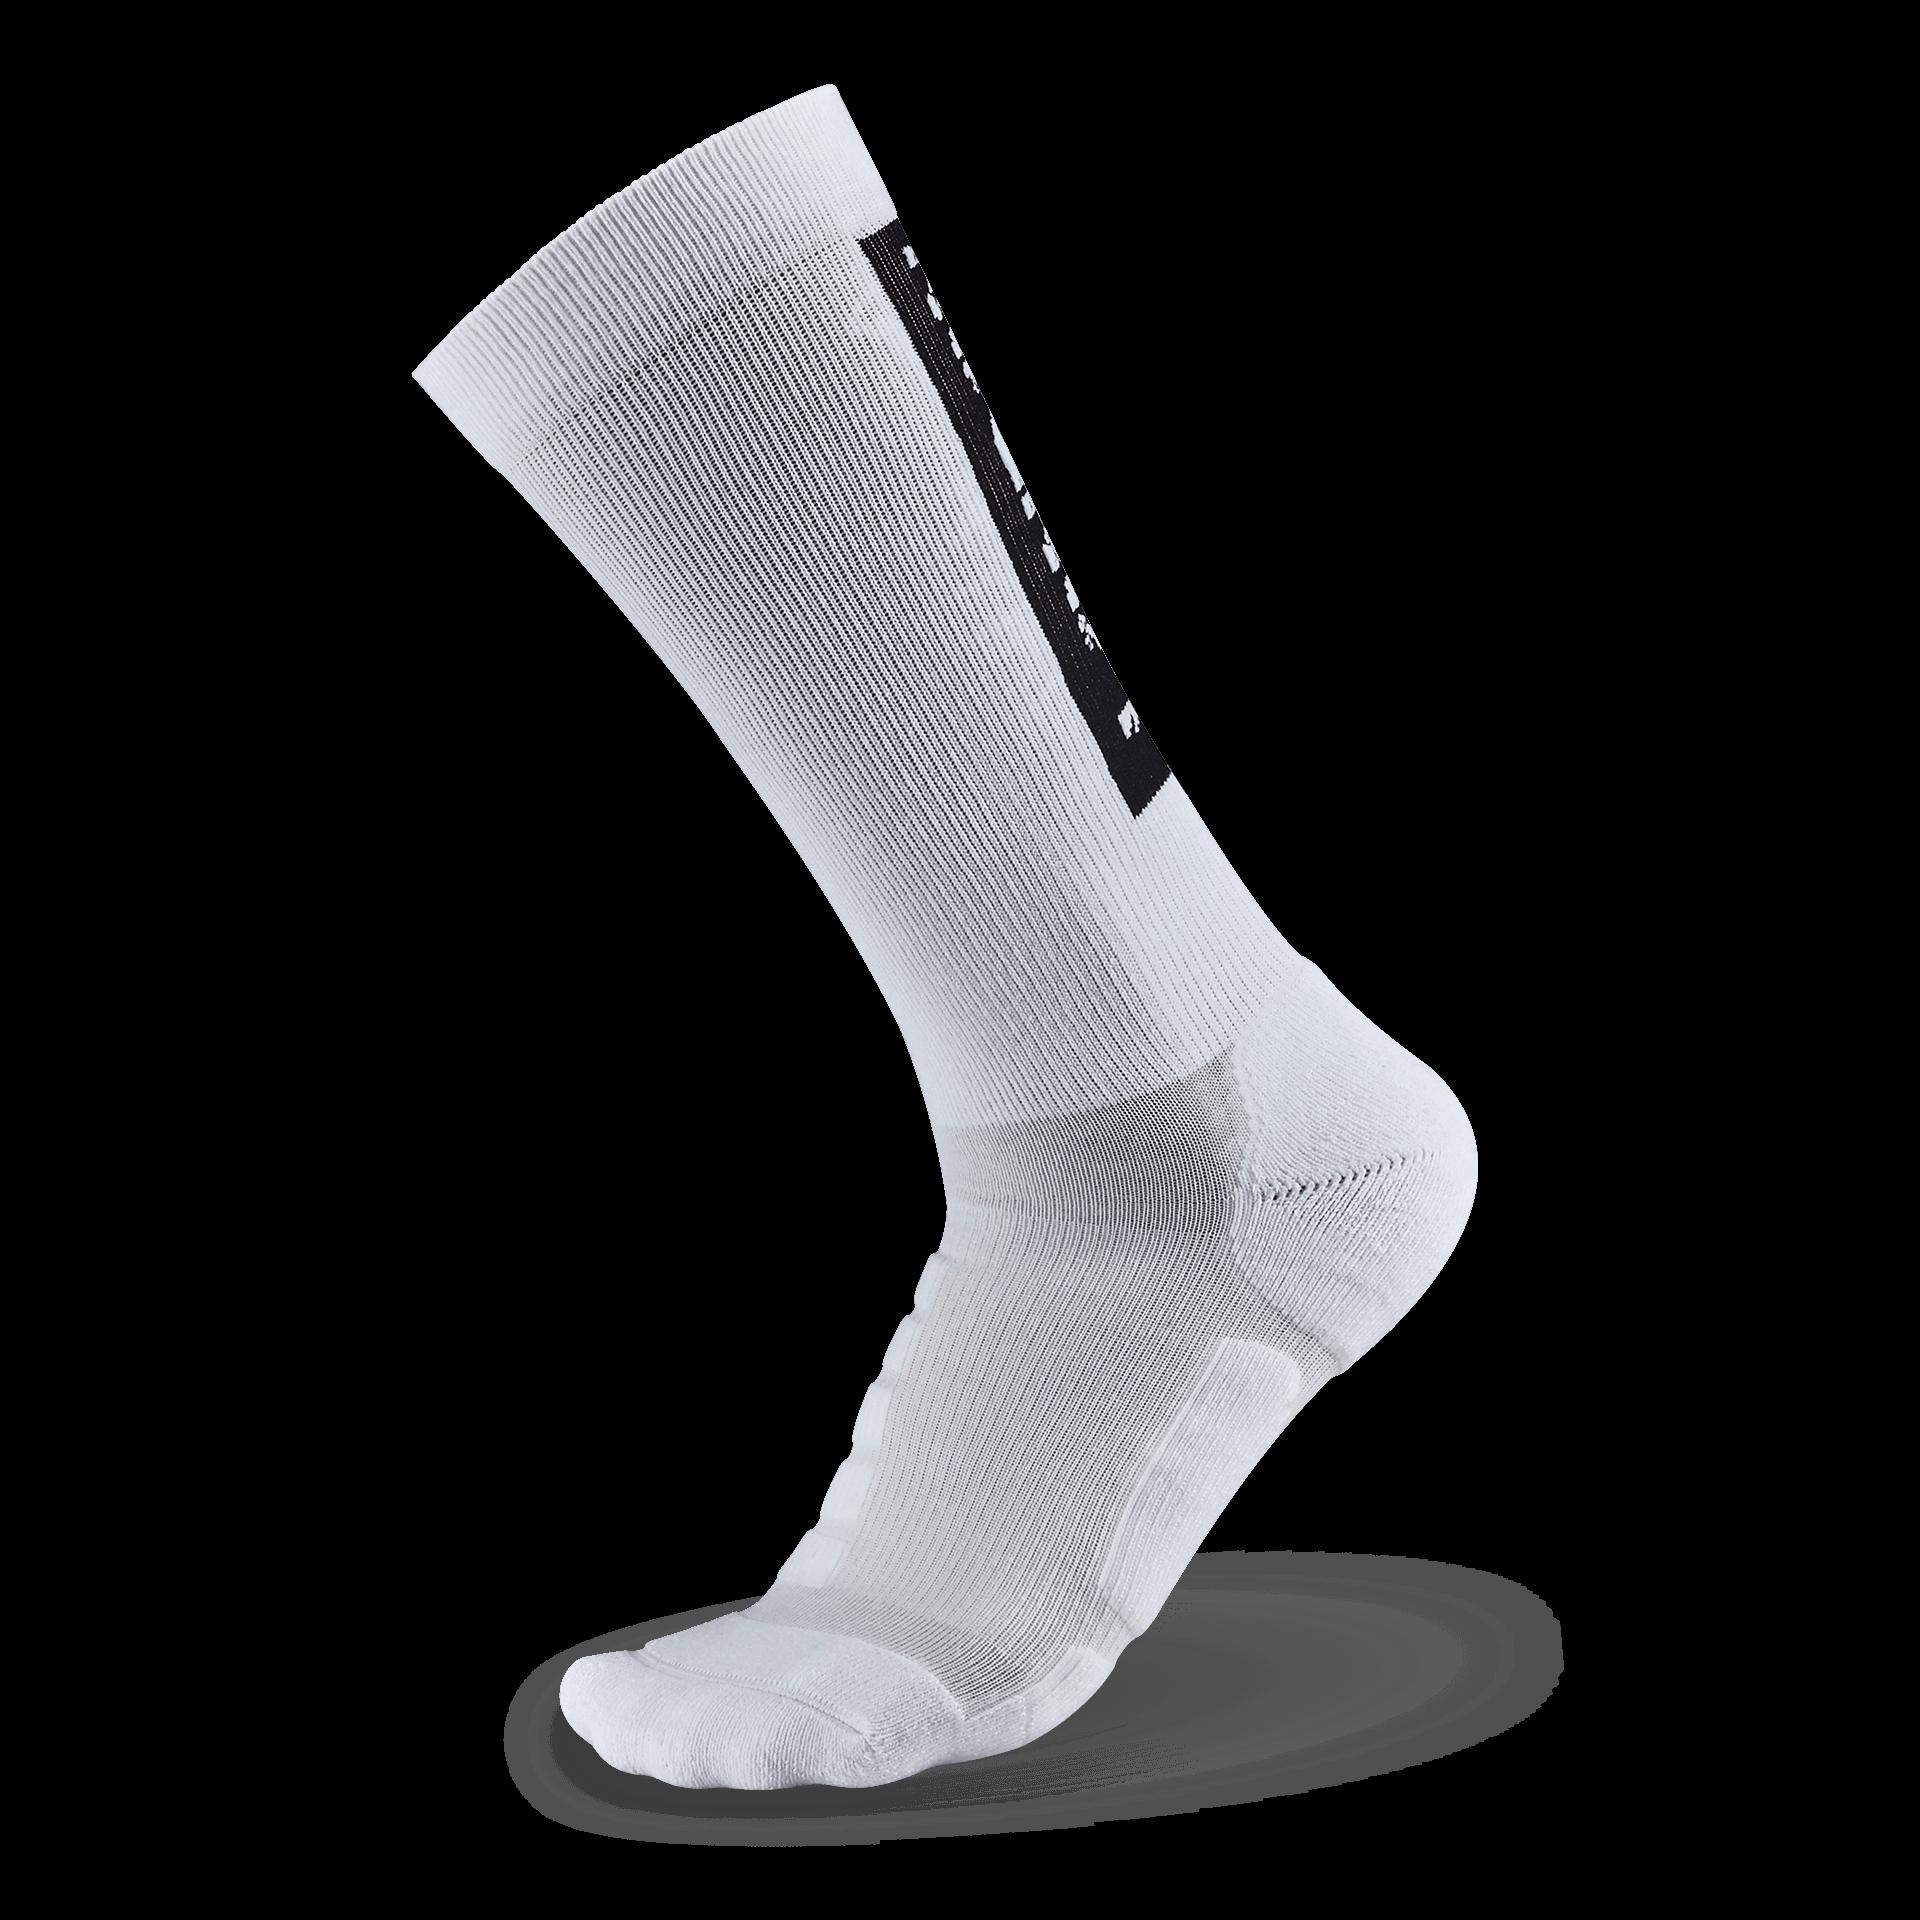 功能慢跑襪 - 世界六大城市馬拉松